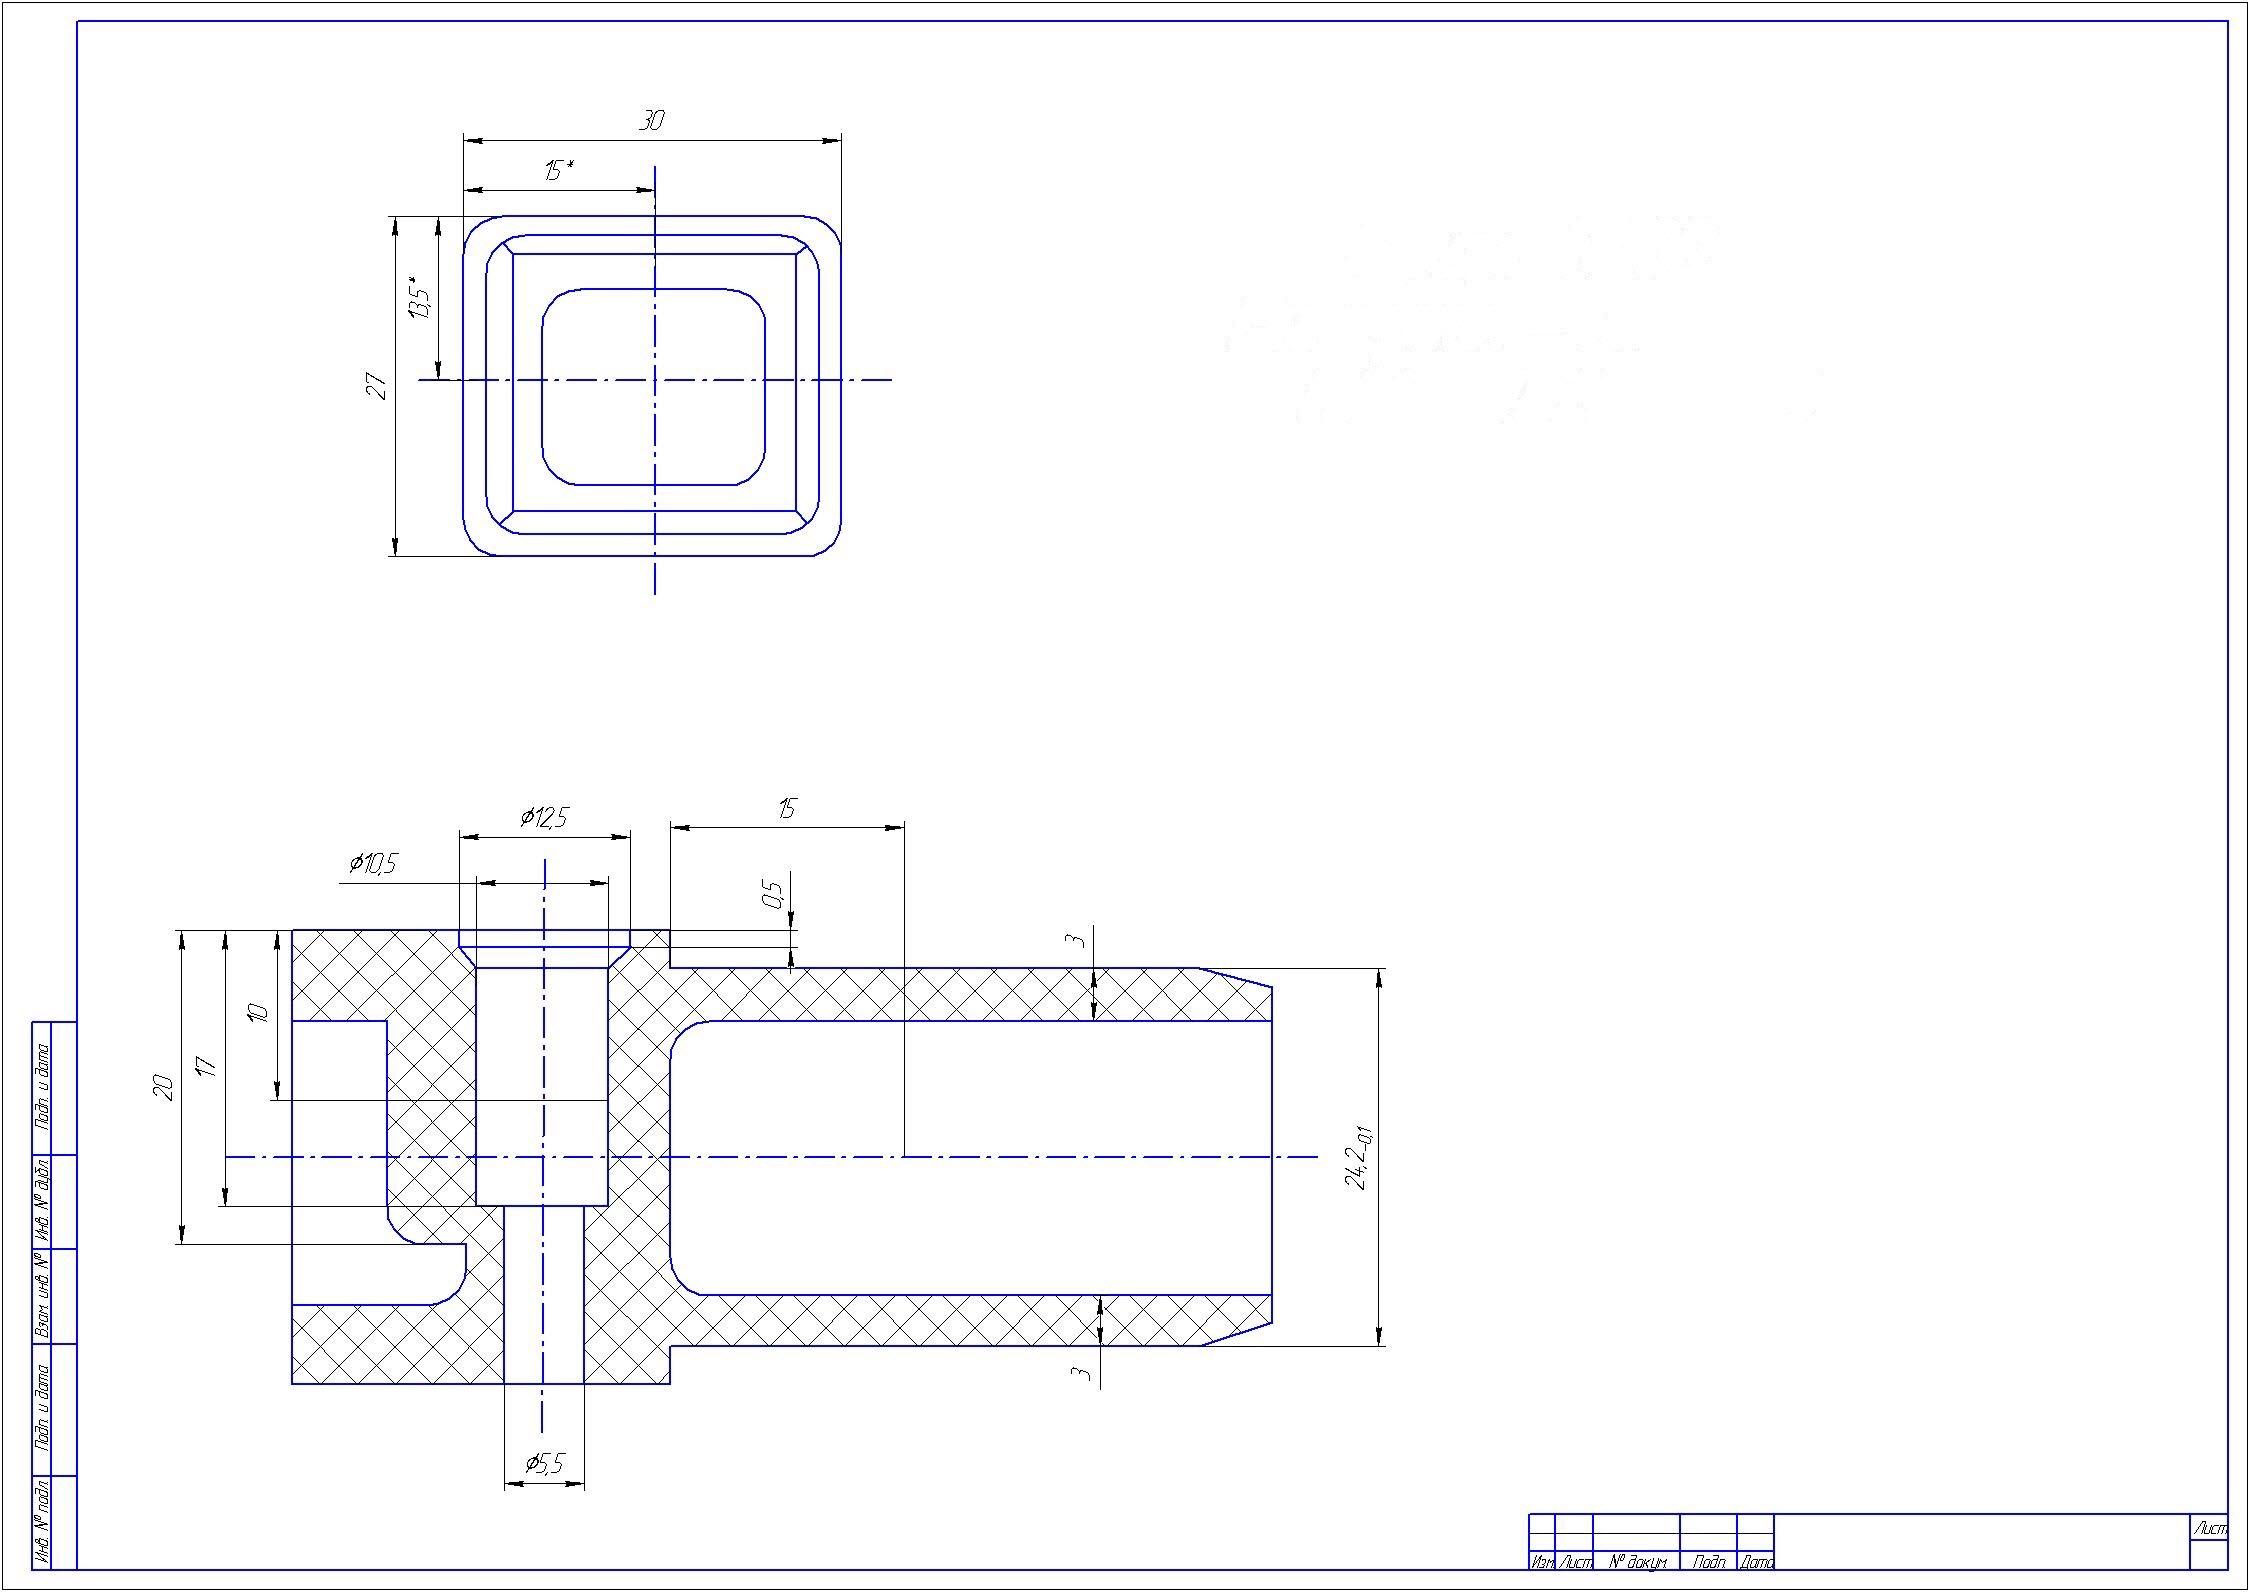 ВКP230х25 чертеж